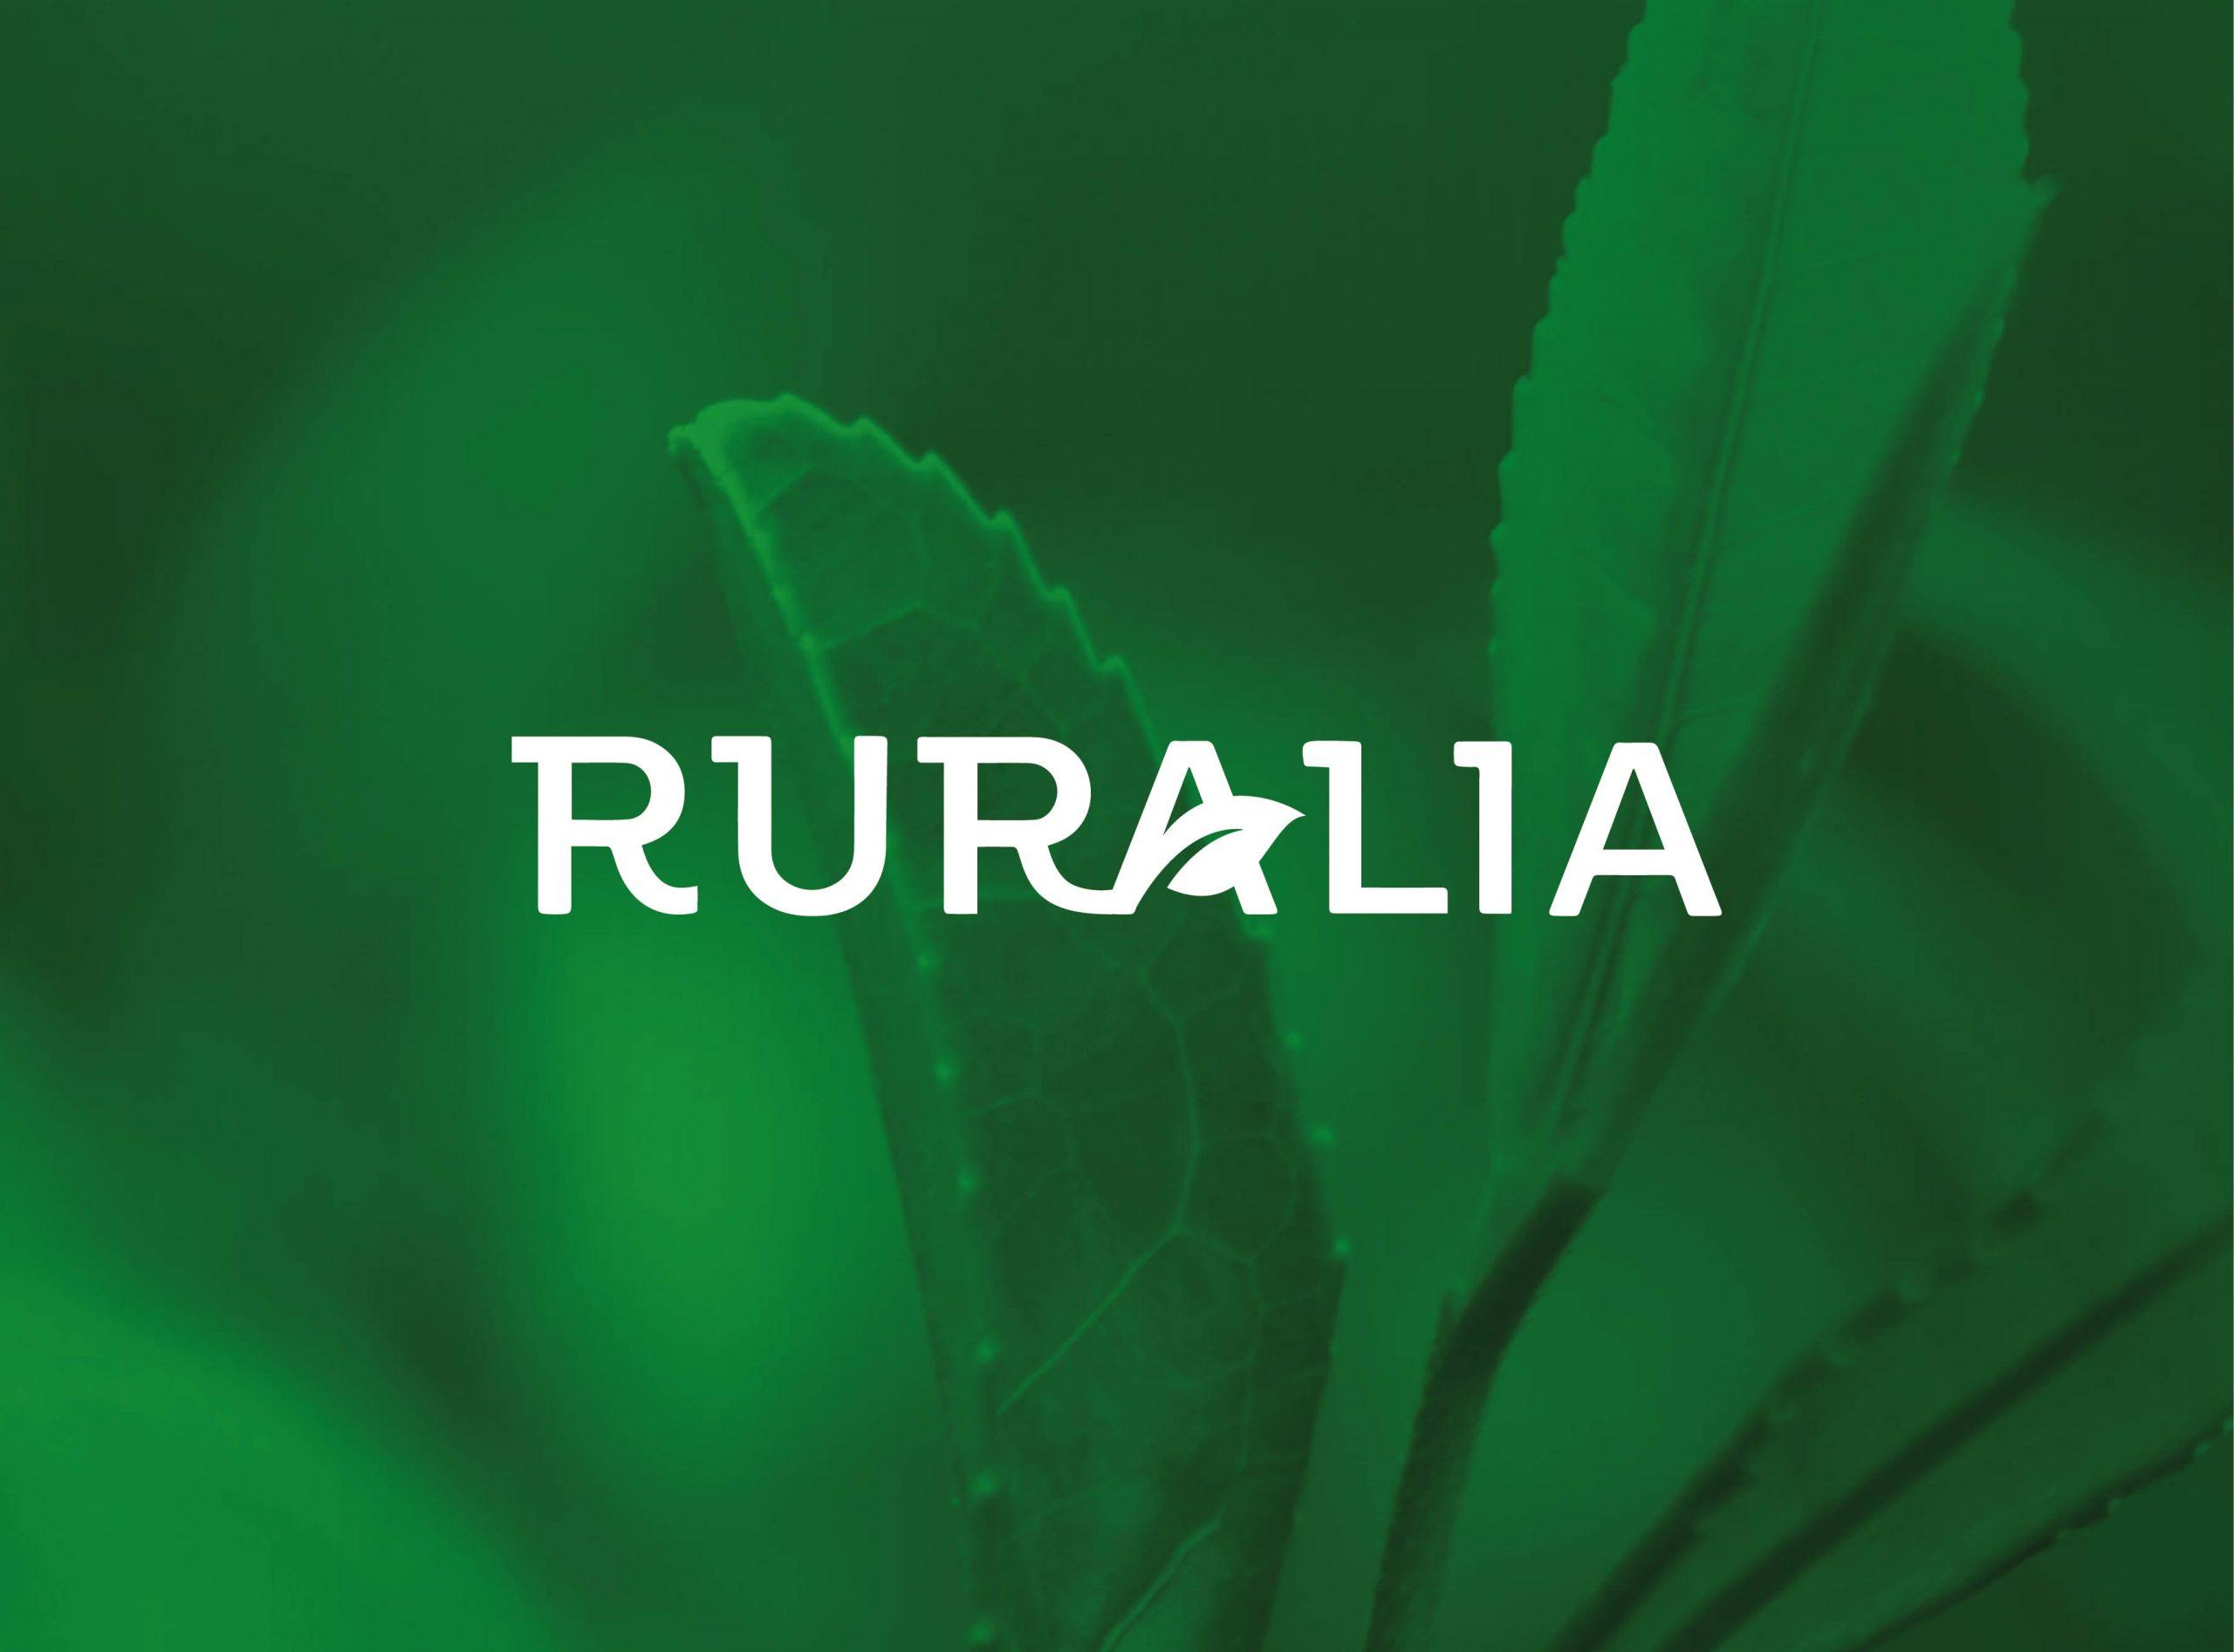 RURALIA_Mesa de trabajo 1